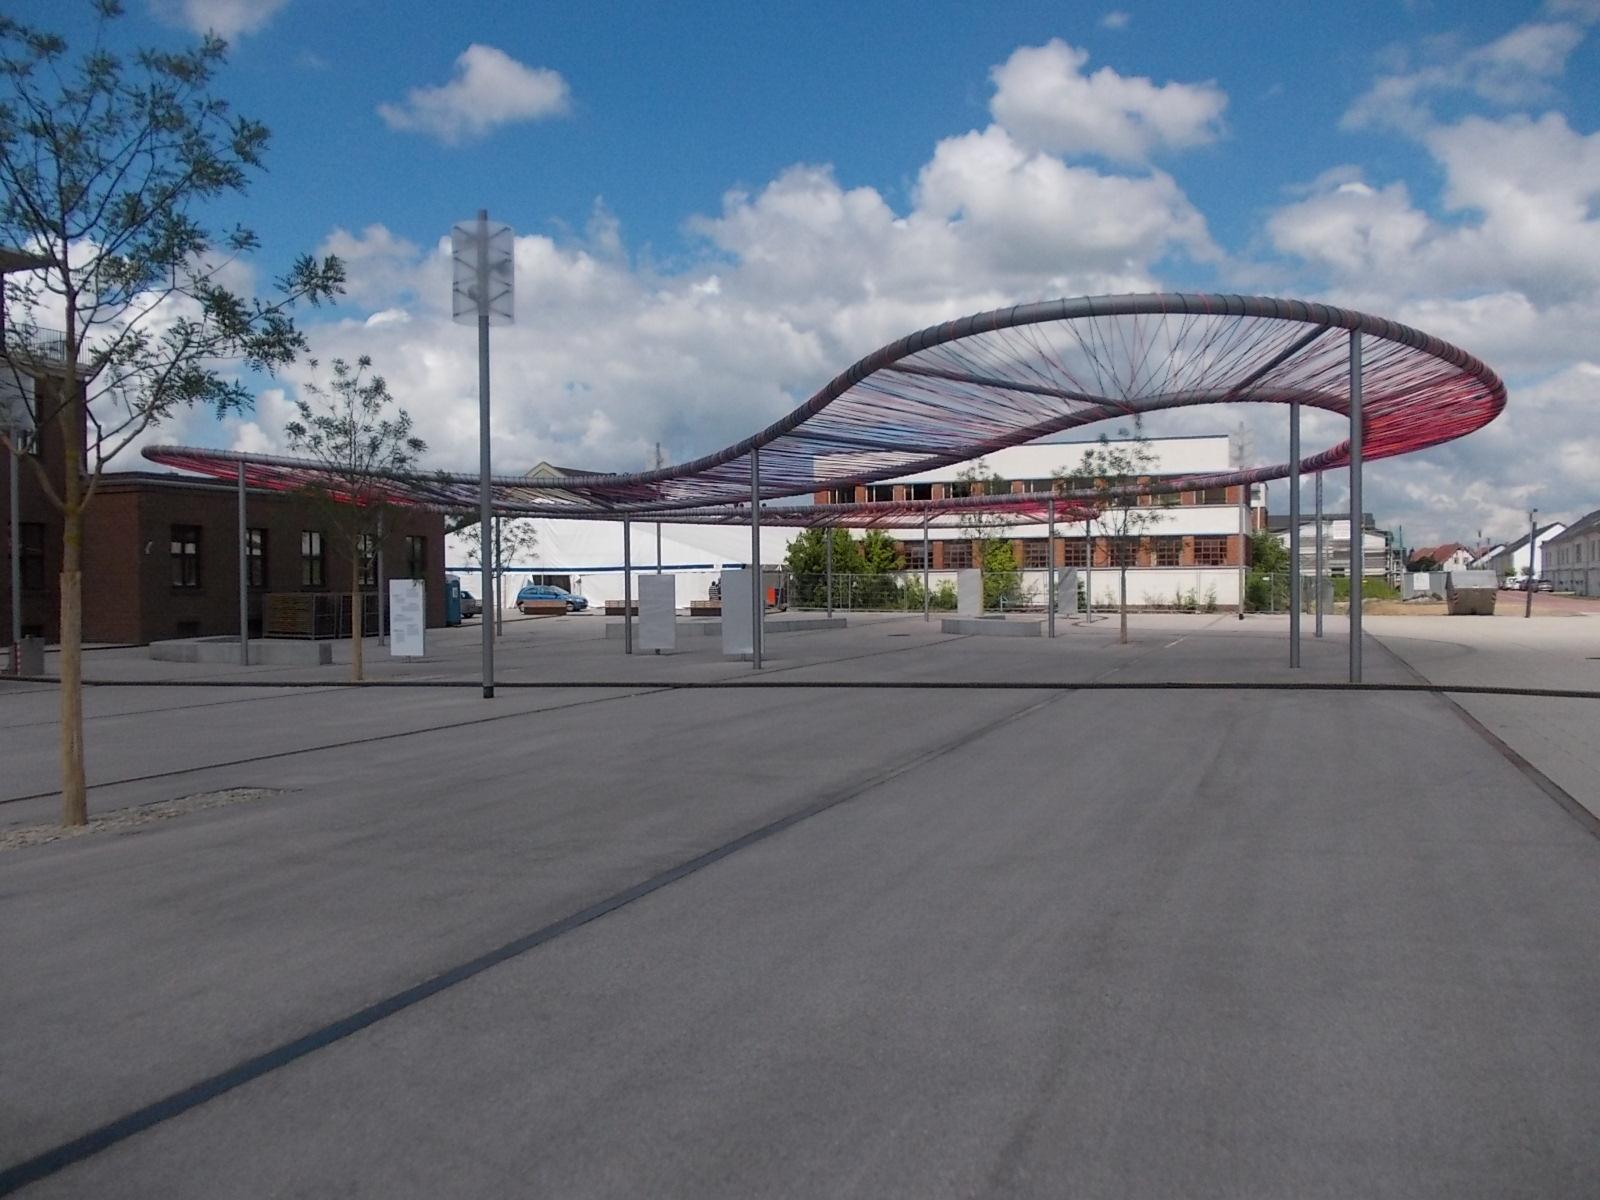 Stahlbau Kunstwerk Kelsterbach mit gebogenen Großrohren bespannt mit bunten Seilen